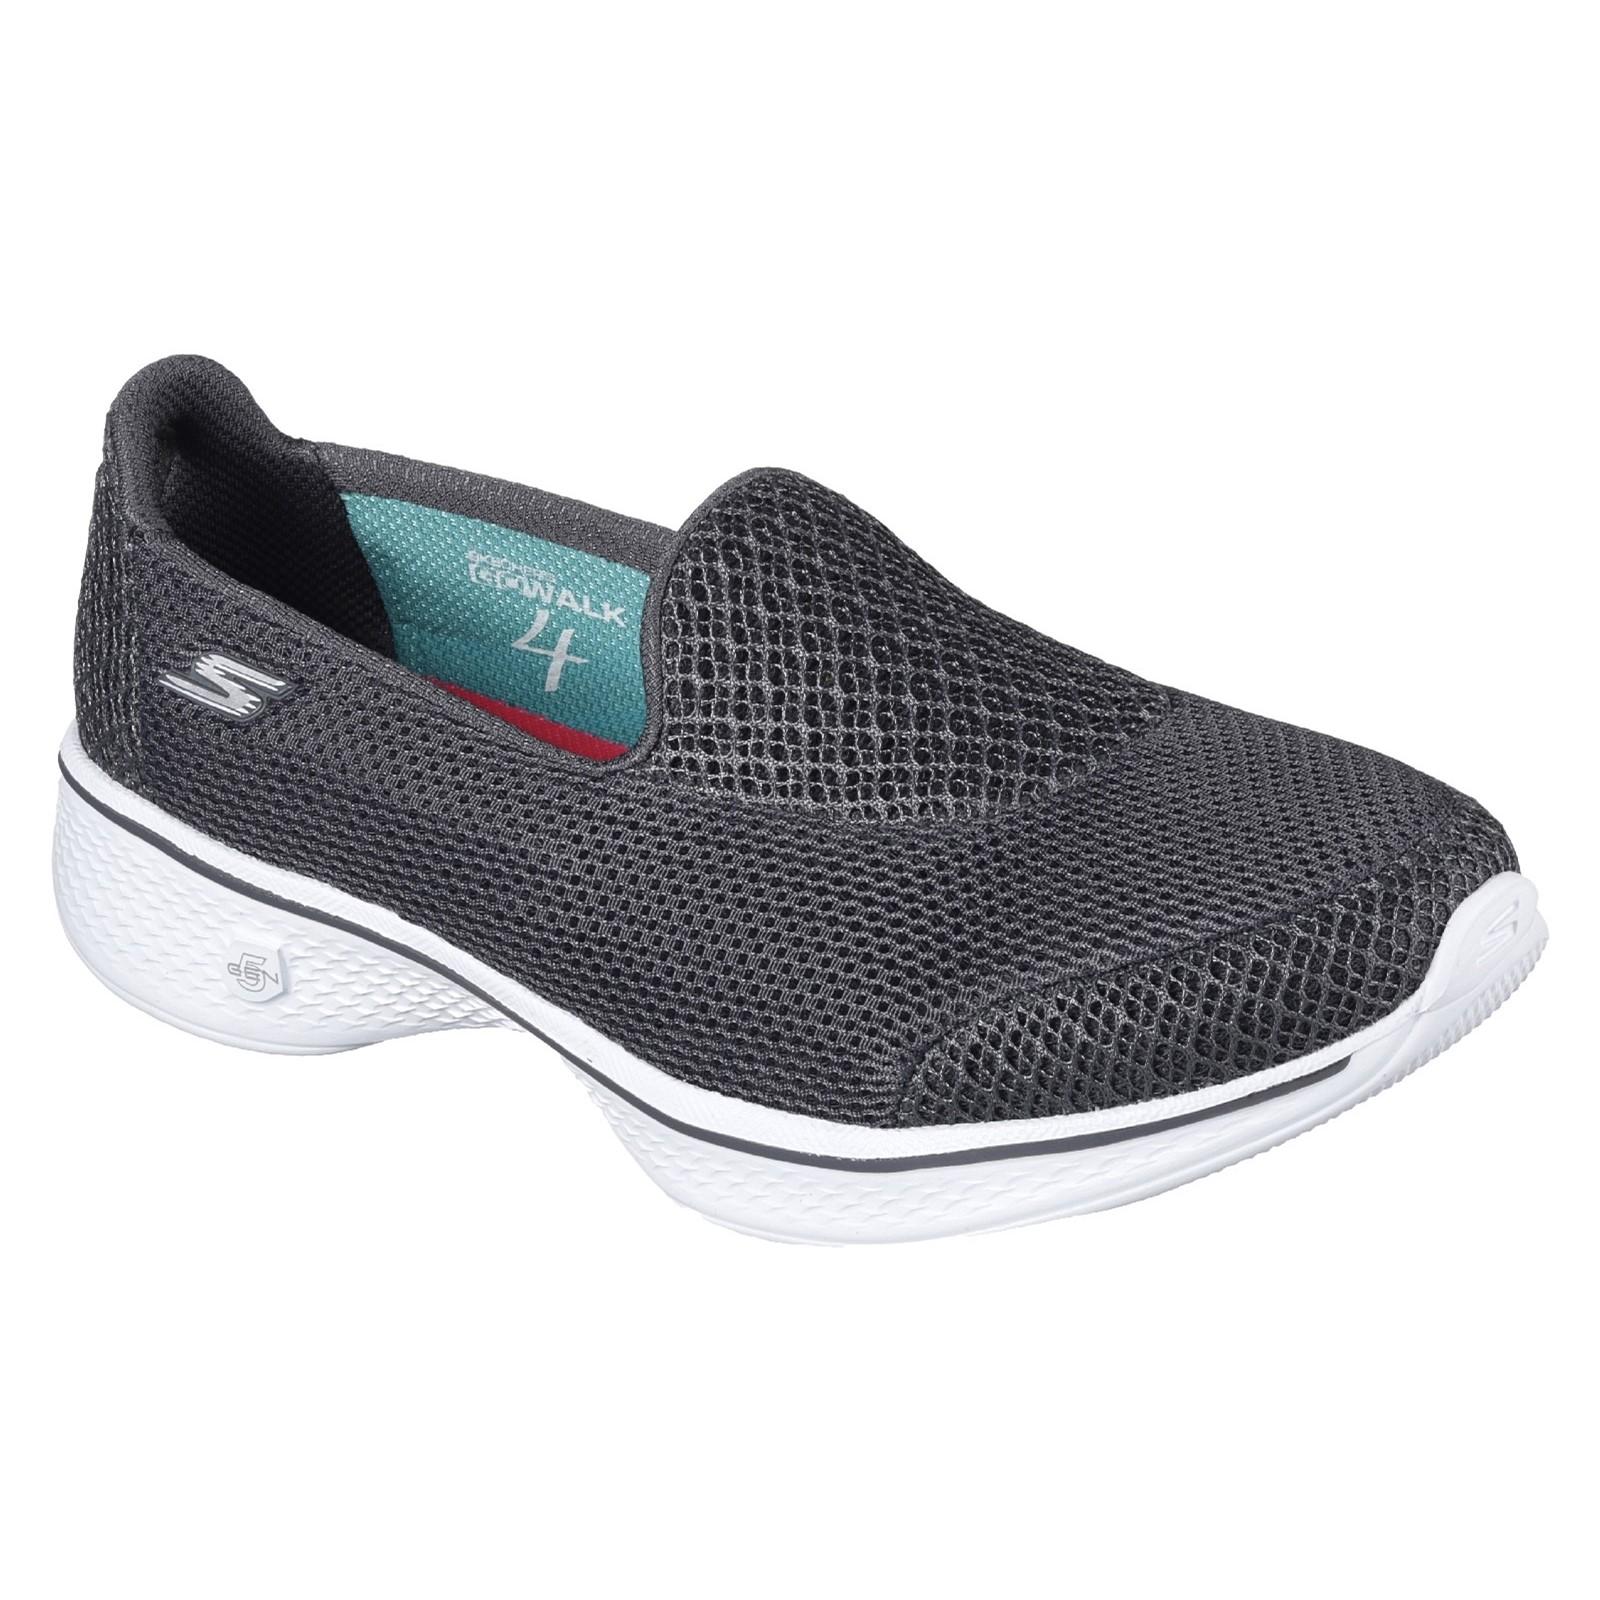 Skechers Femmes Go Walk 4 Propel Chaussure à Enfiler